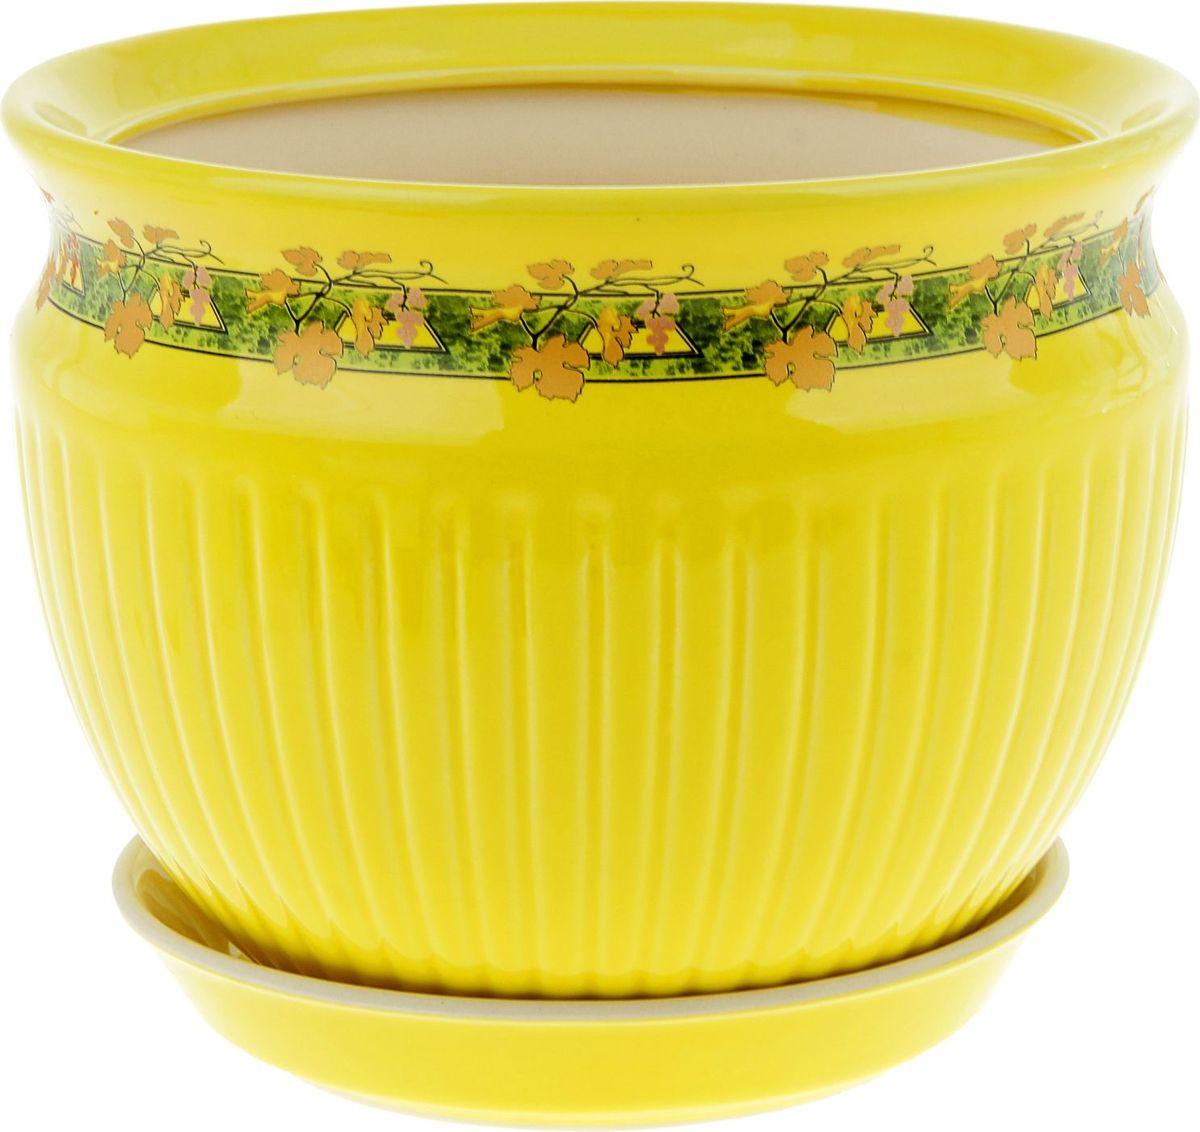 Кашпо Керамика ручной работы Антика. Золотая лоза, цвет: желтый, 5 л835498Комнатные растения — всеобщие любимцы. Они радуют глаз, насыщают помещение кислородом и украшают пространство. Каждому из них необходим свой удобный и красивый дом. Кашпо из керамики прекрасно подходят для высадки растений: за счёт пластичности глины и разных способов обработки существует великое множество форм и дизайновпористый материал позволяет испаряться лишней влагевоздух, необходимый для дыхания корней, проникает сквозь керамические стенки! #name# позаботится о зелёном питомце, освежит интерьер и подчеркнёт его стиль.